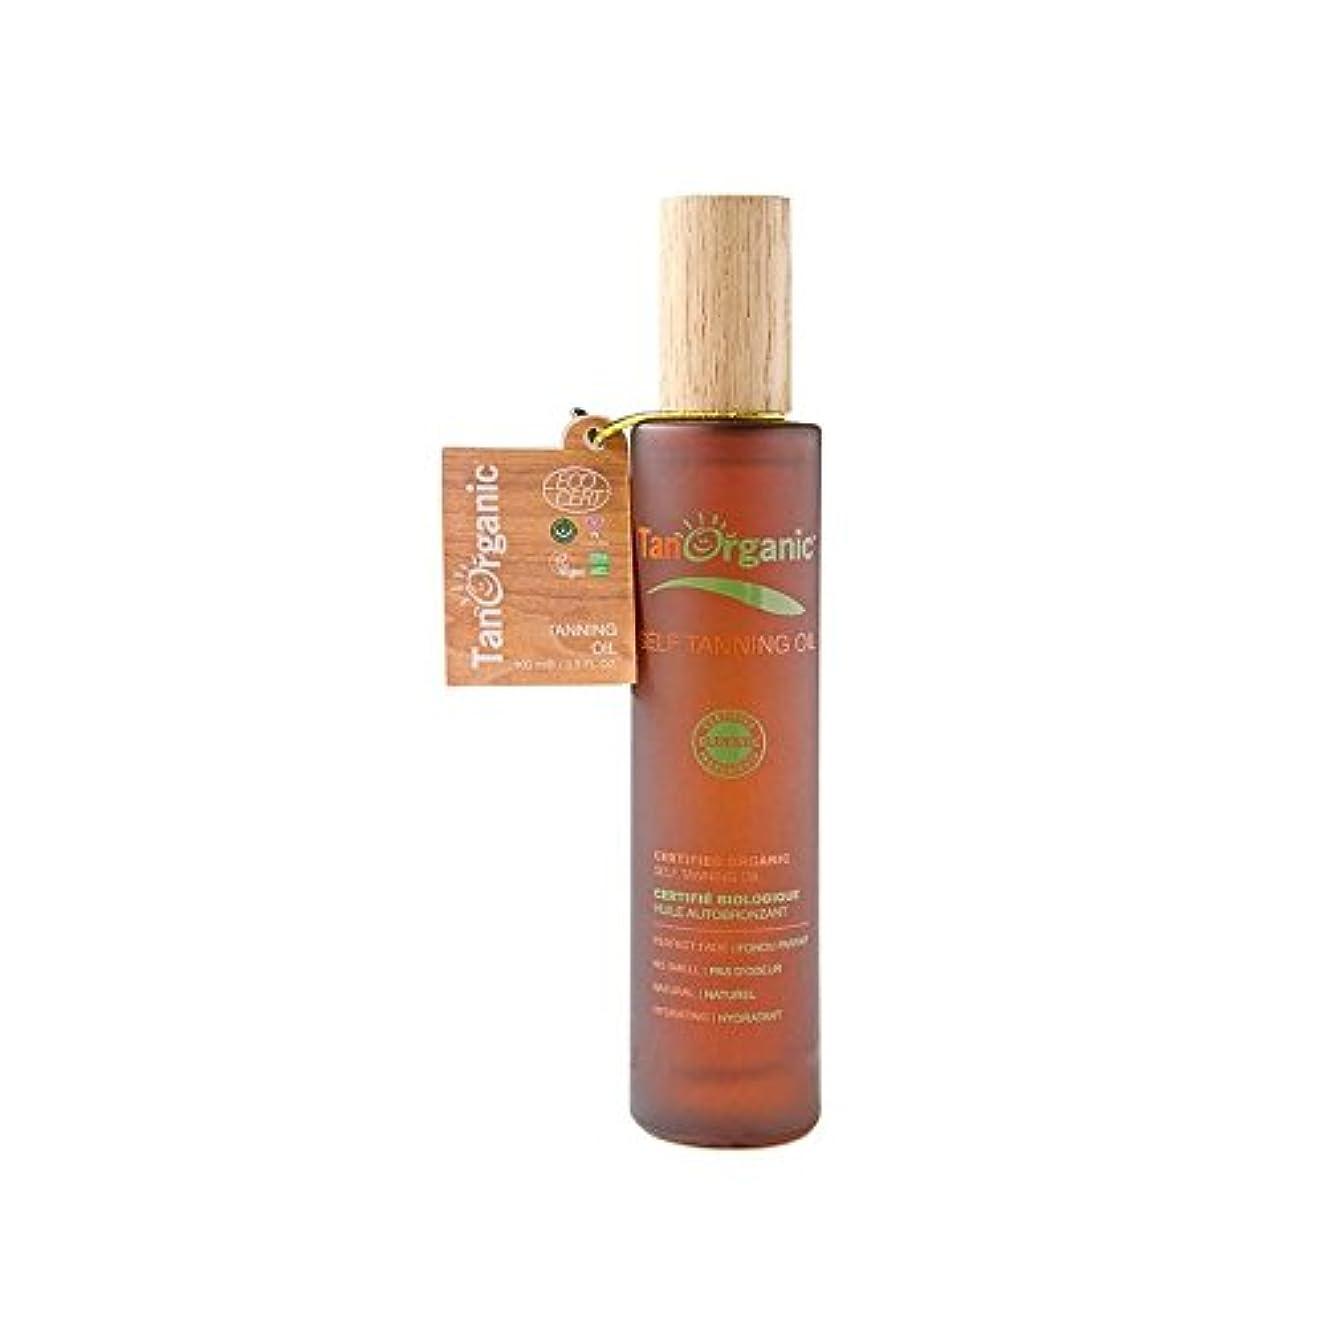 経歴動脈装備するTanorganic自己日焼け顔&ボディオイル (Tan Organic) (x 2) - TanOrganic Self-Tan Face & Body Oil (Pack of 2) [並行輸入品]